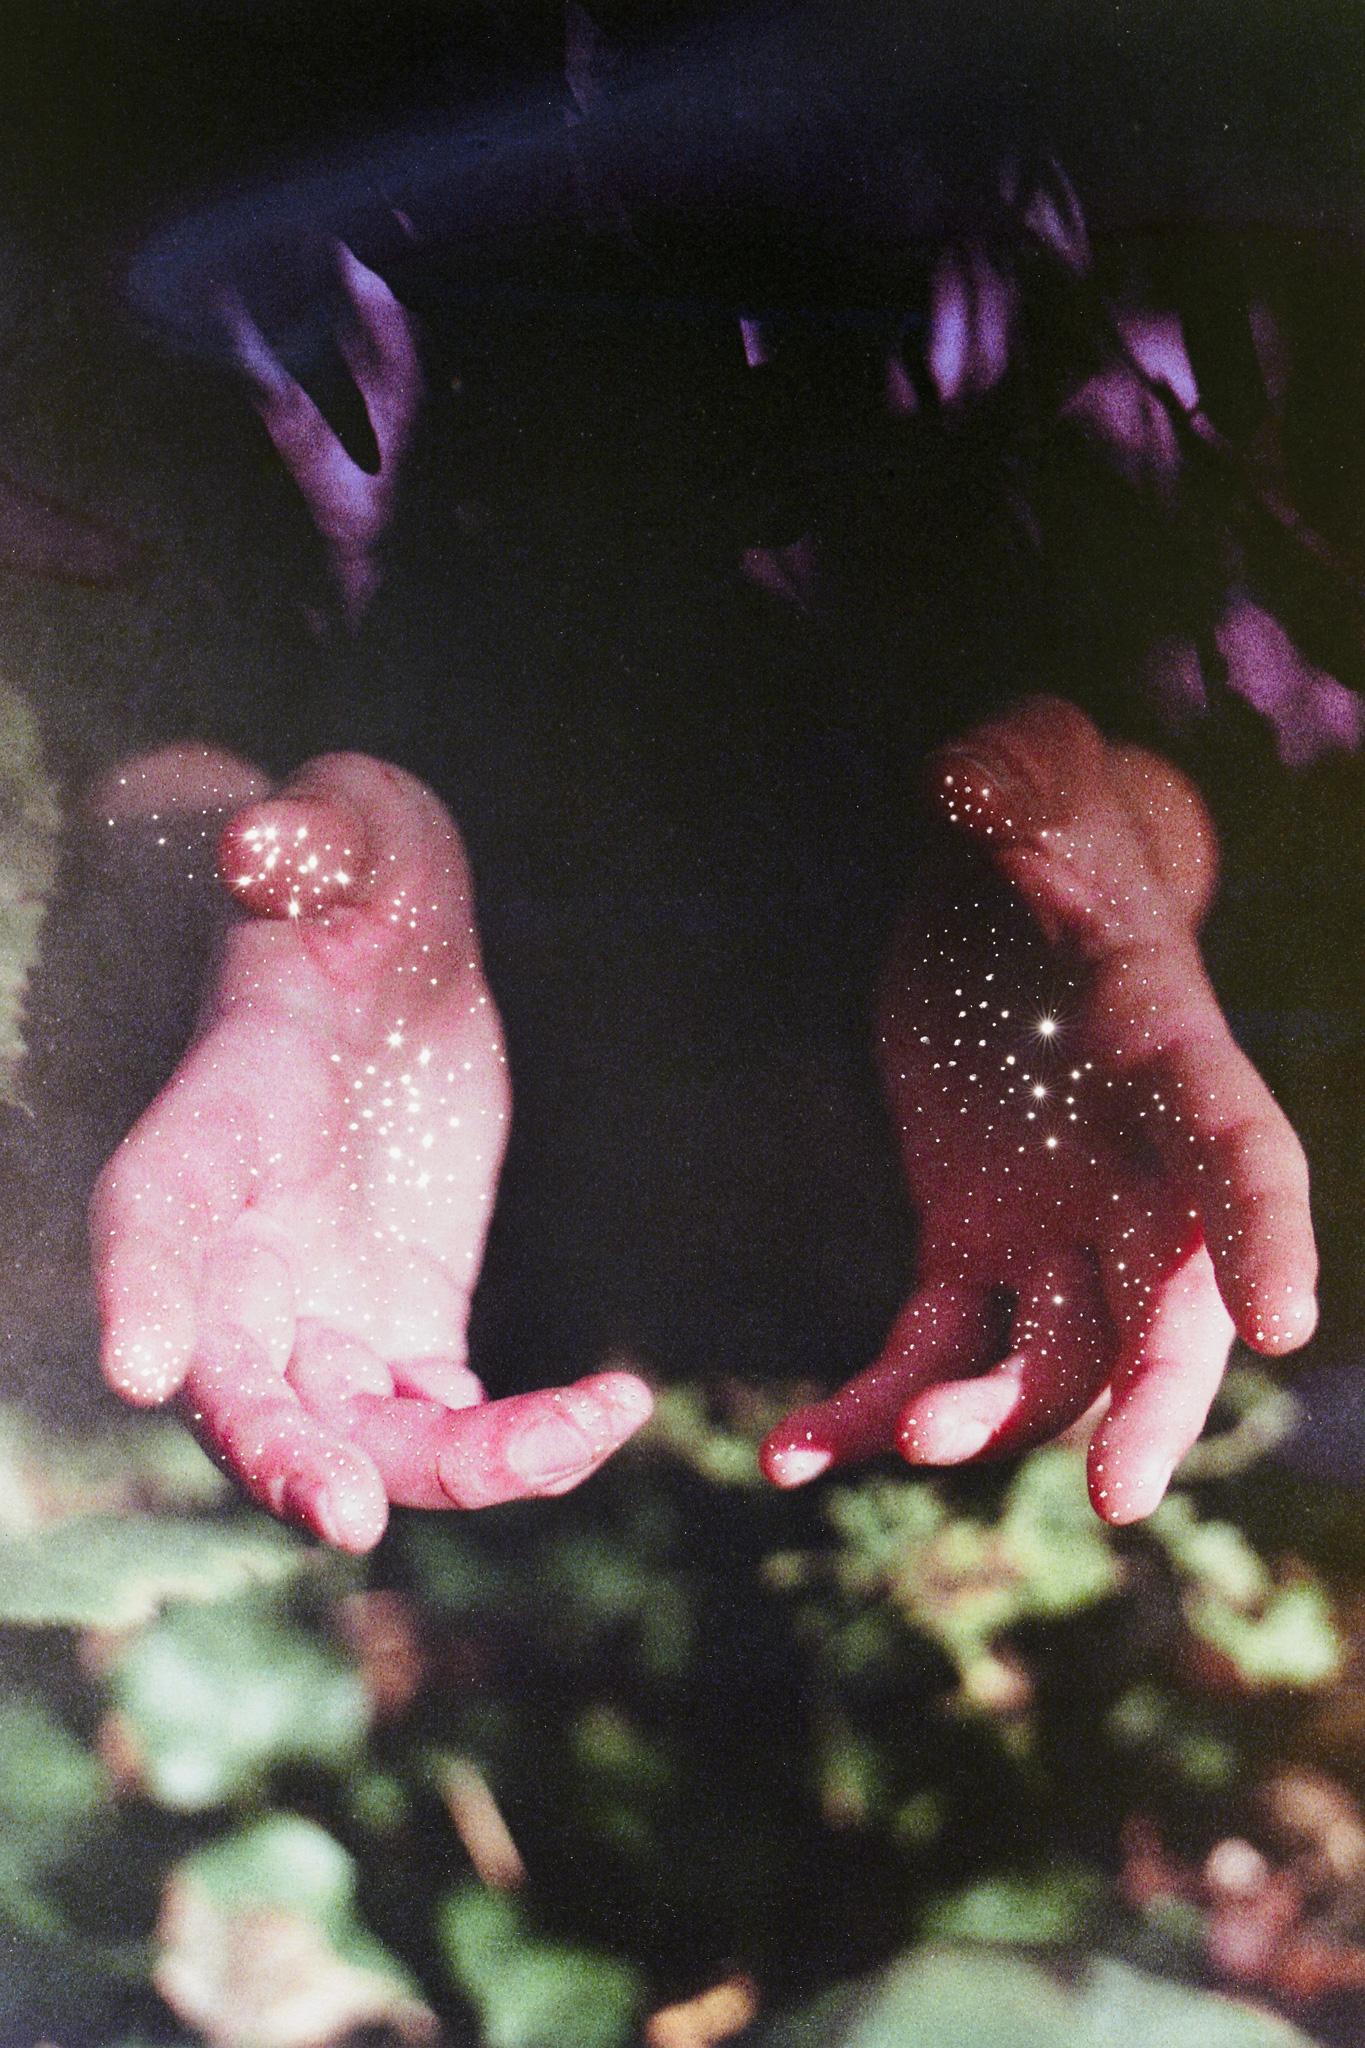 Healing   Spark of Life   Mirjam Hümmer